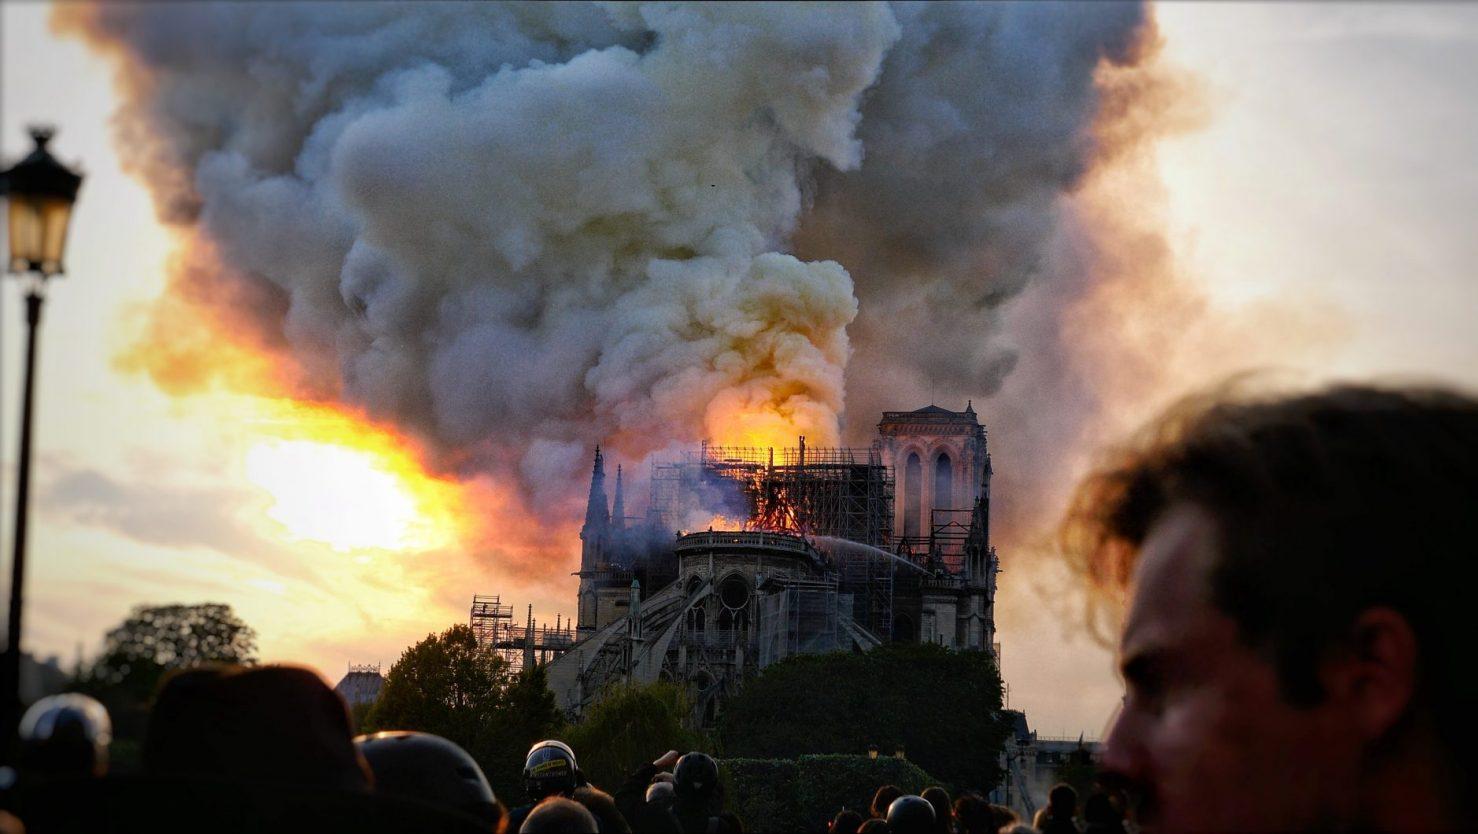 Notre Dame en feu, photo Yann Vernerie